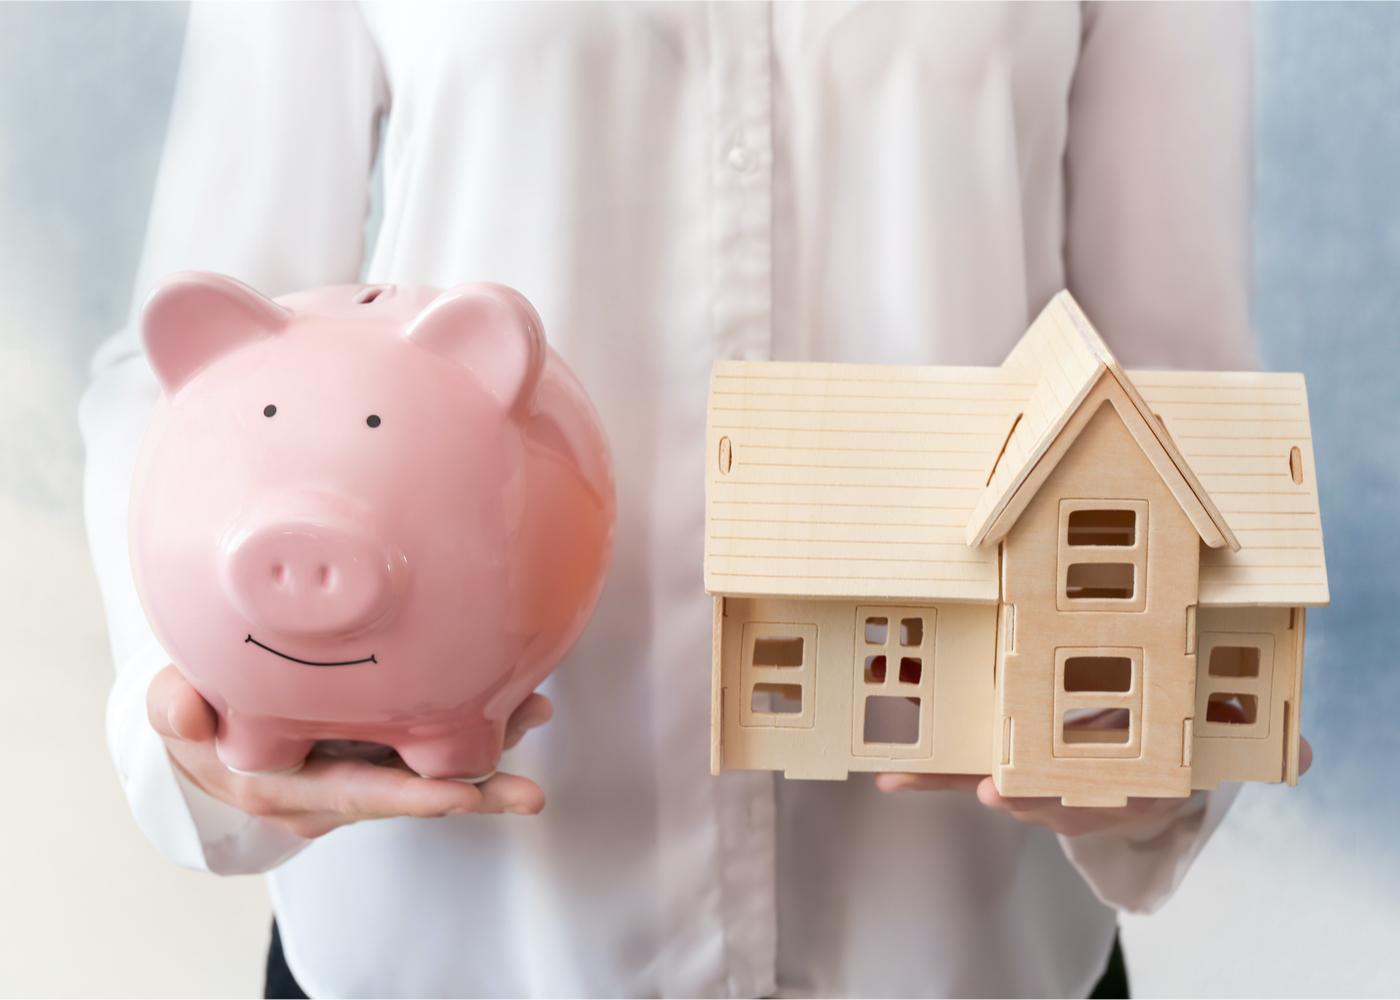 Cuánto de tu presupuesto debes destinar al pago de vivienda y servicios